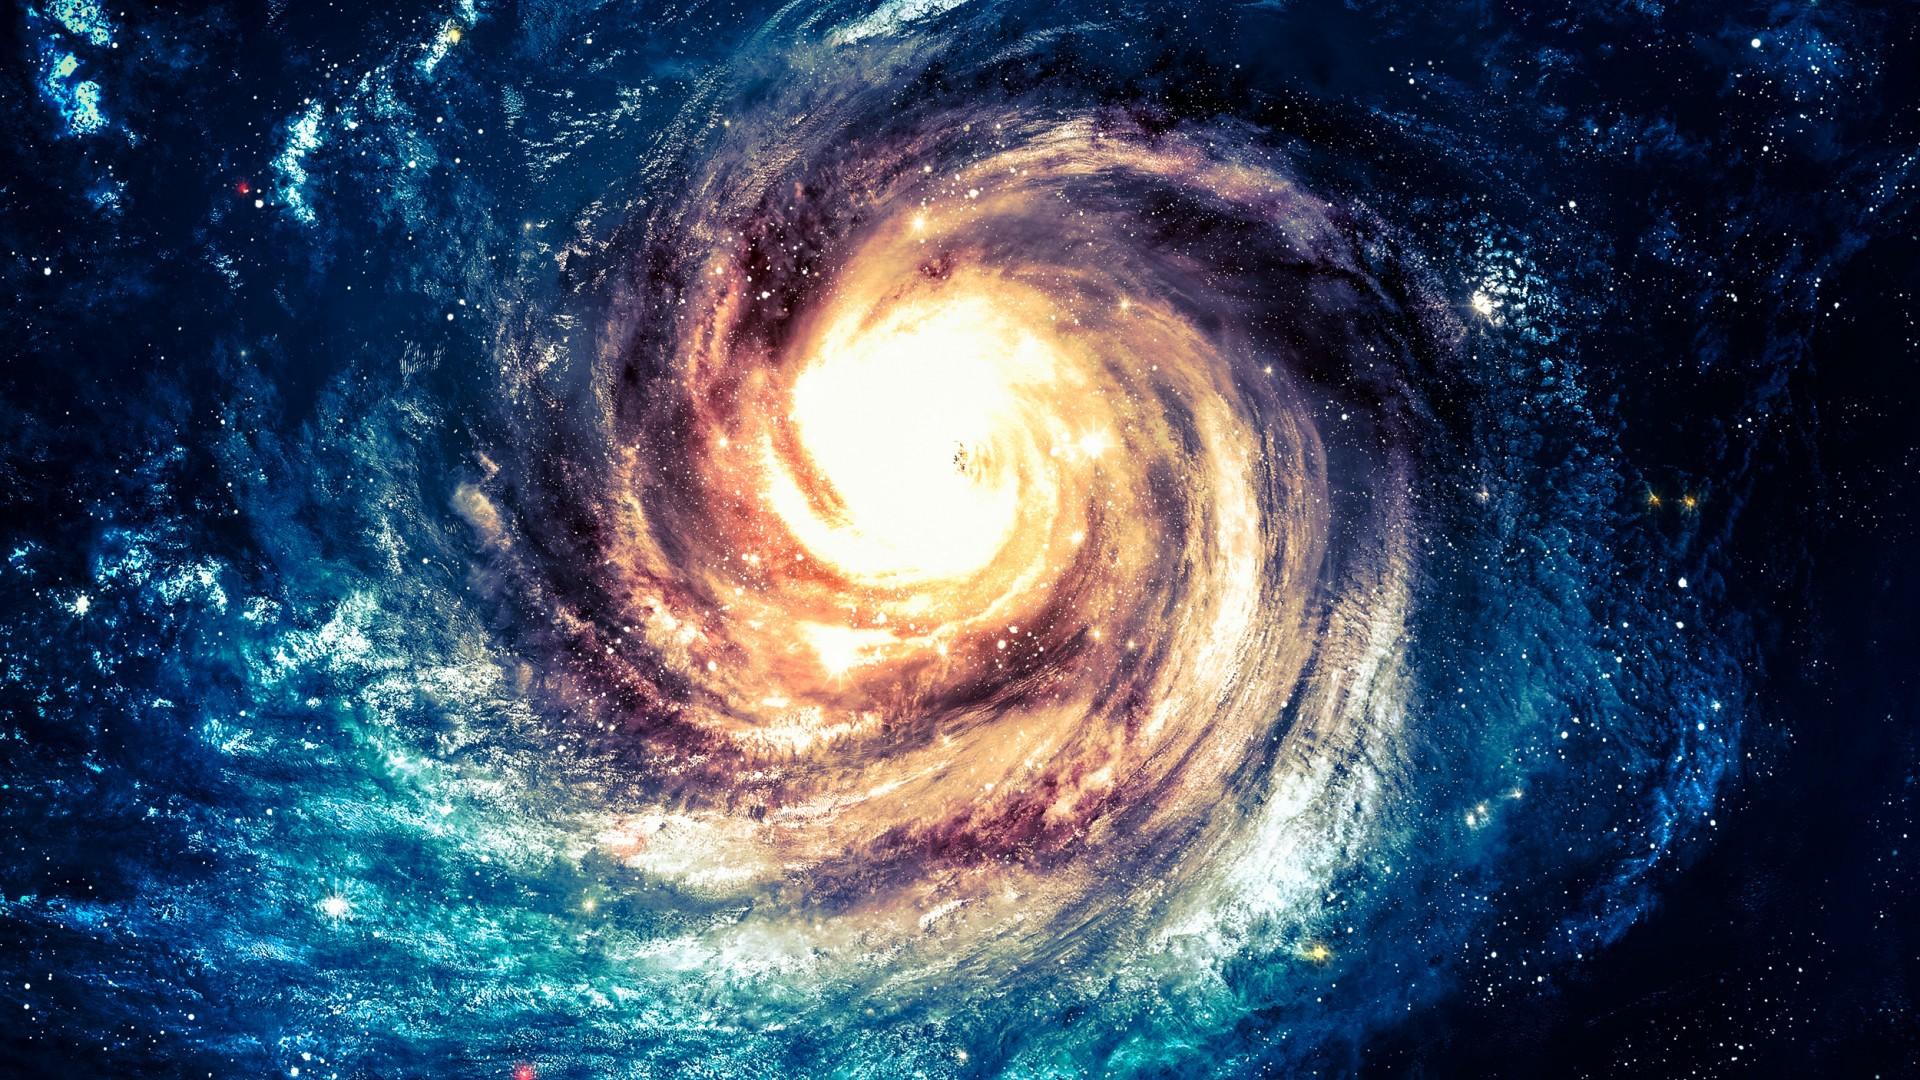 Sолярис День Космонавтики в Москве в 2016 году День Космонавтики в Москве в 2016 году space spiral space 080593